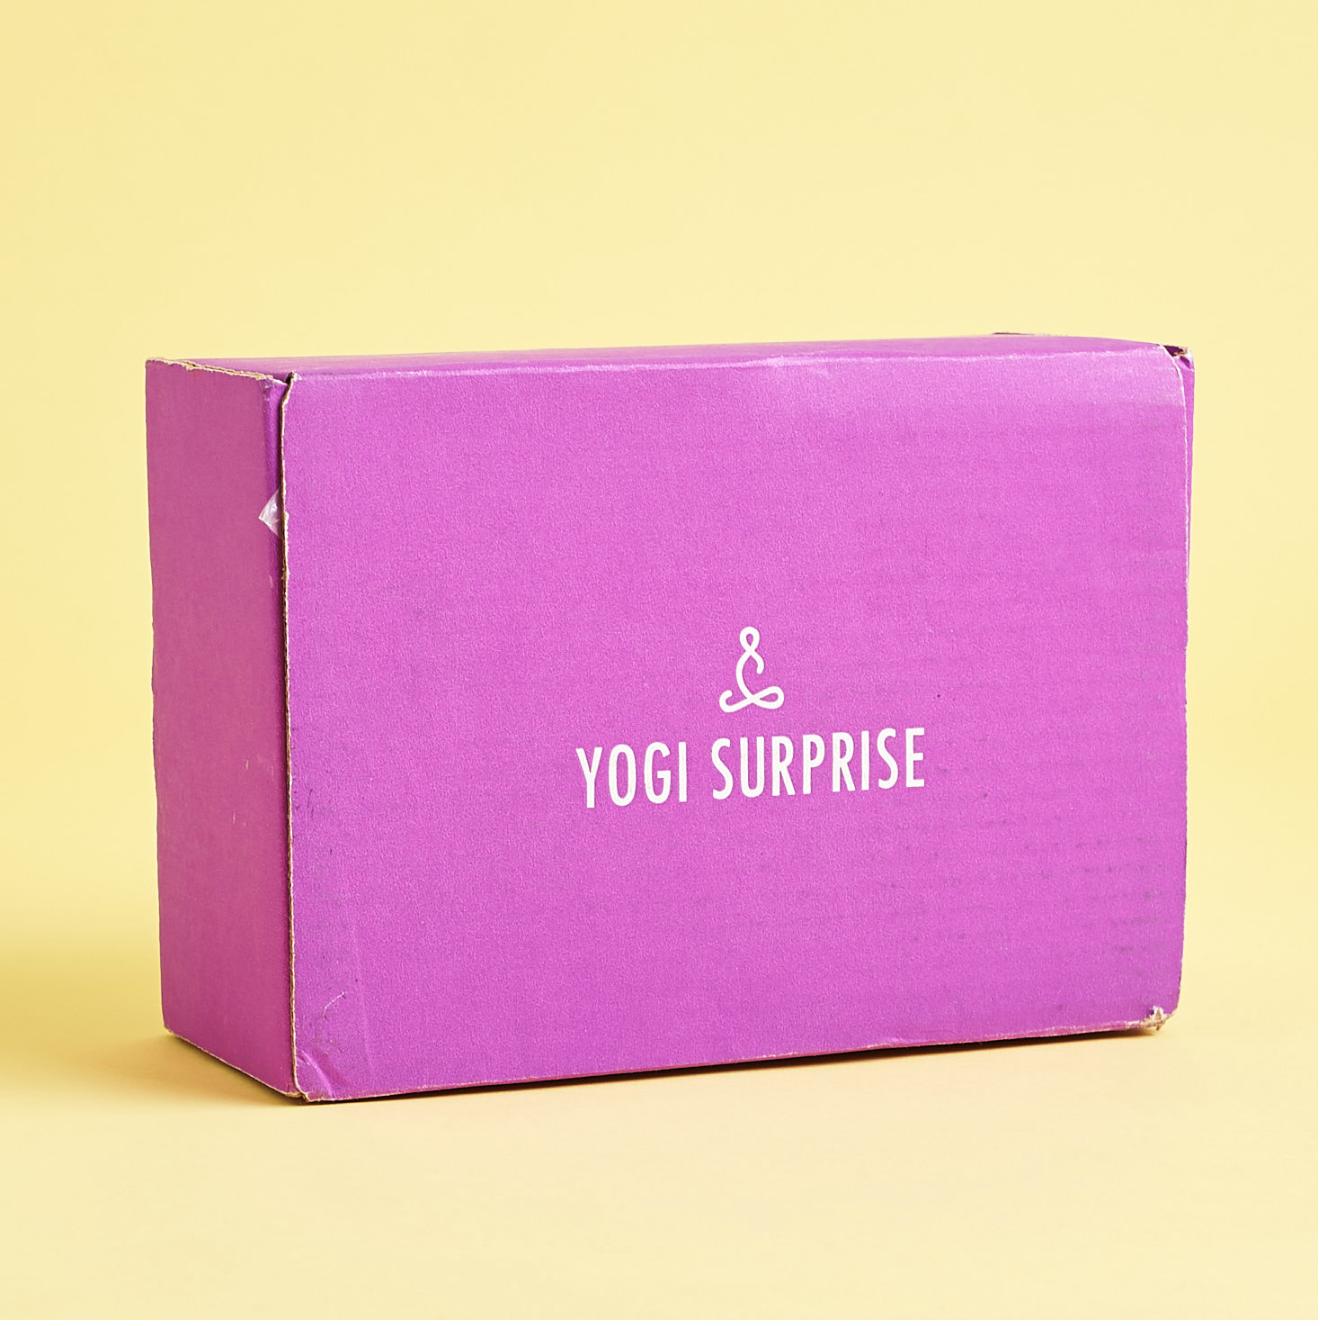 Yogi Surprise October 2020 Box Spoilers + Coupon!